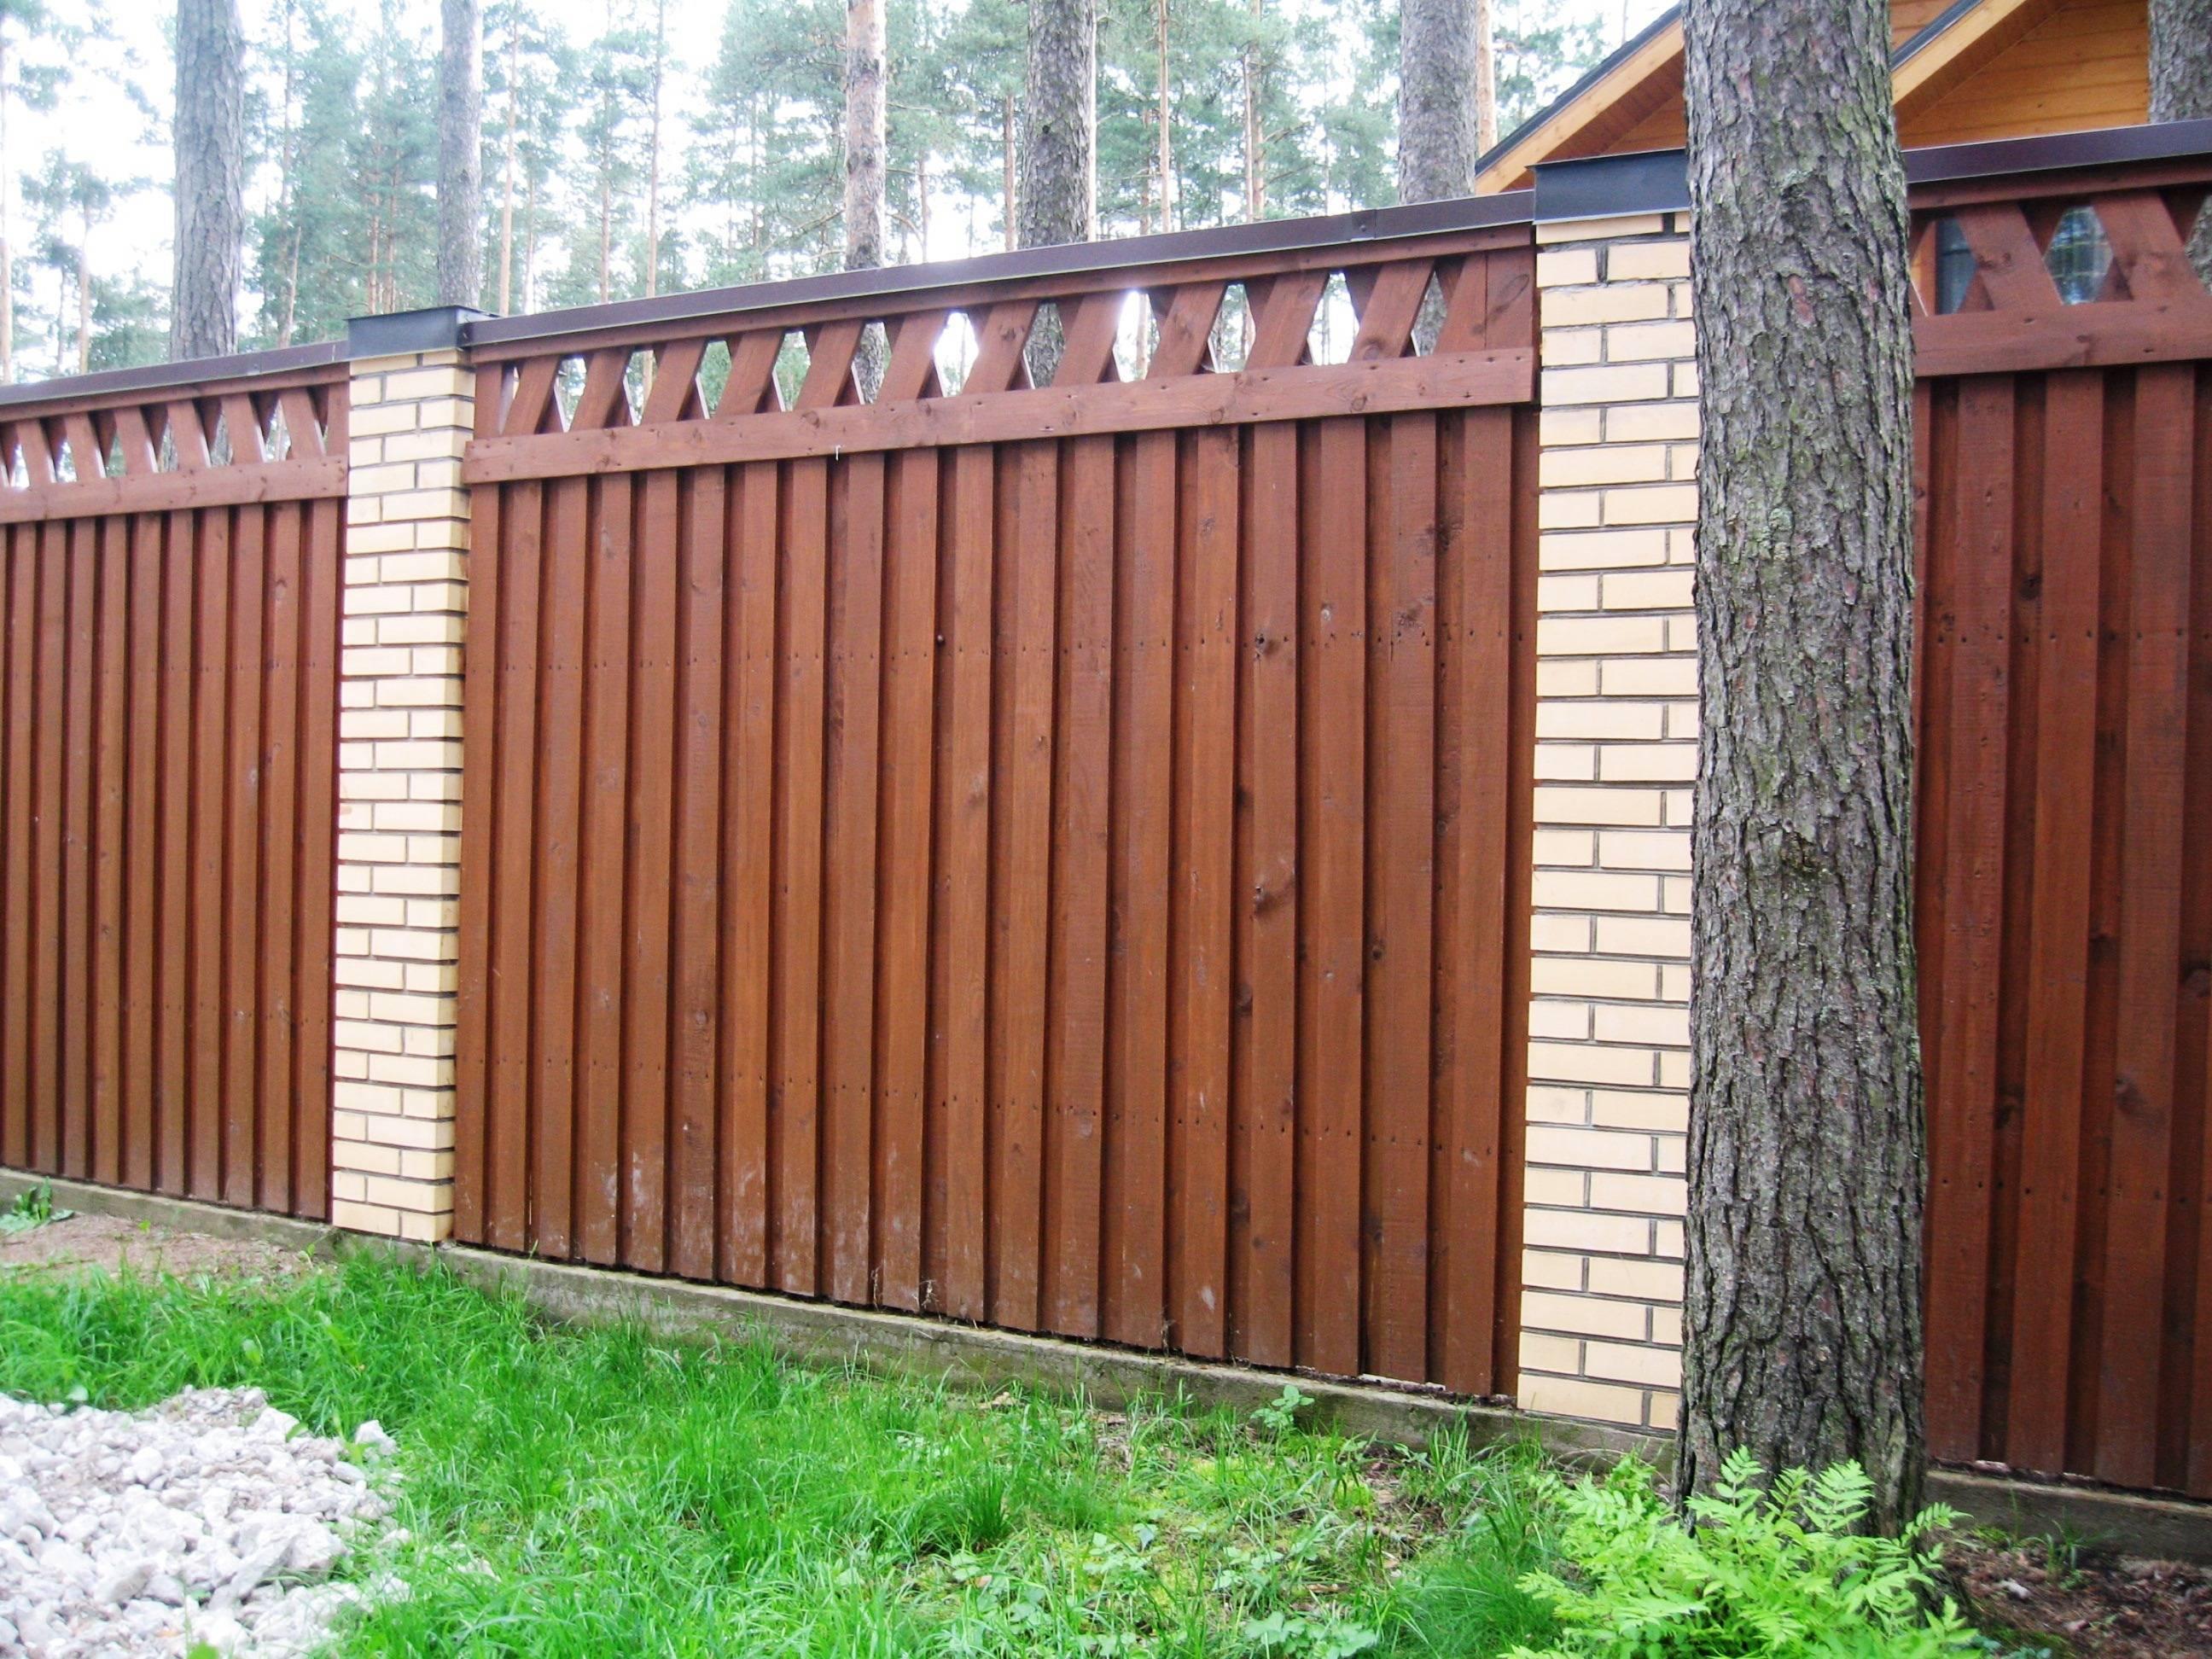 Дизайн калиток и ворот дома (50 фото): красивые и практичные варианты